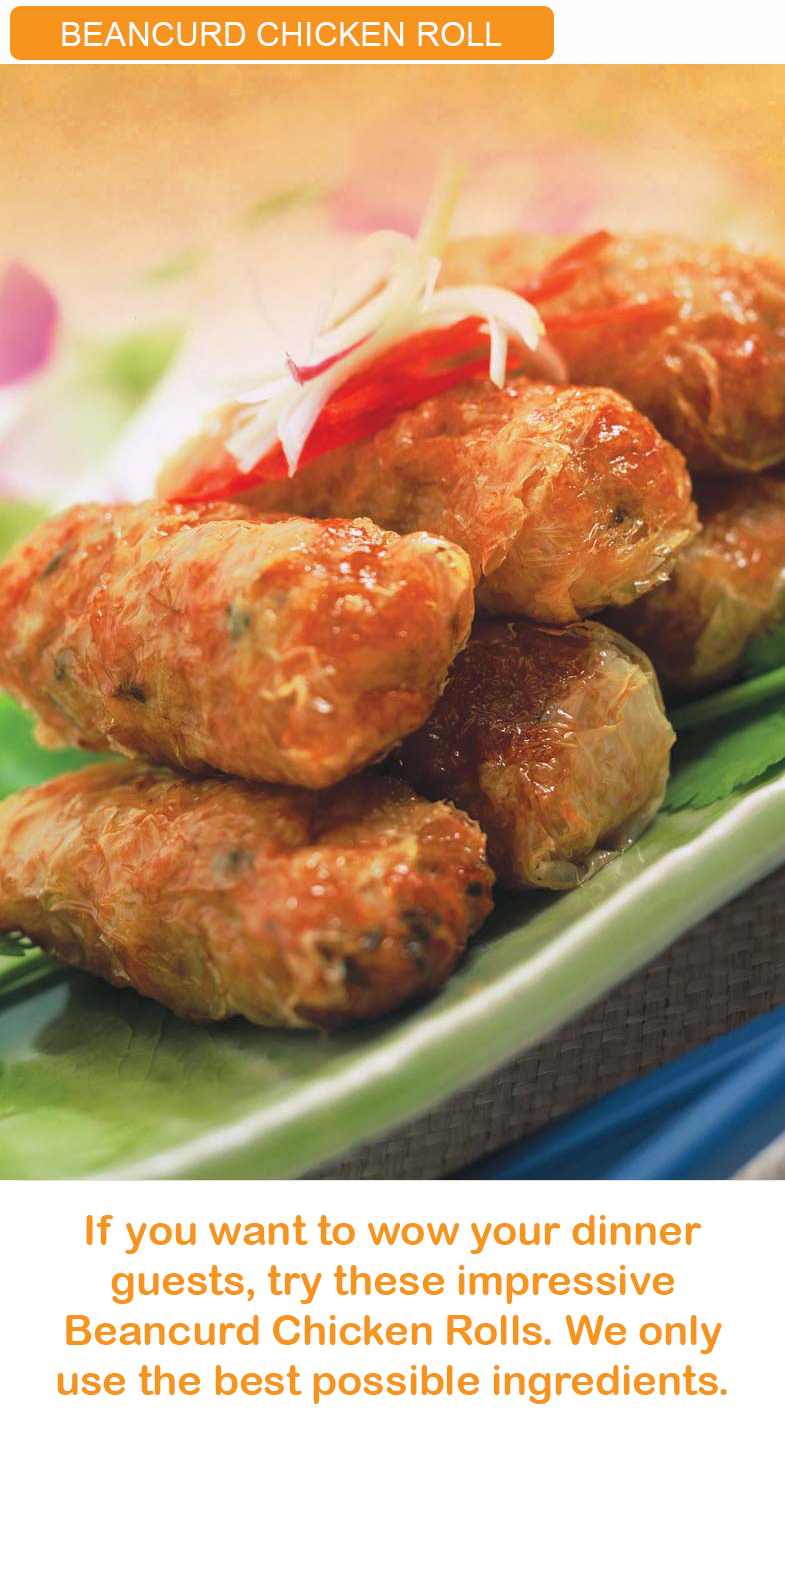 Beancurd Chicken Roll